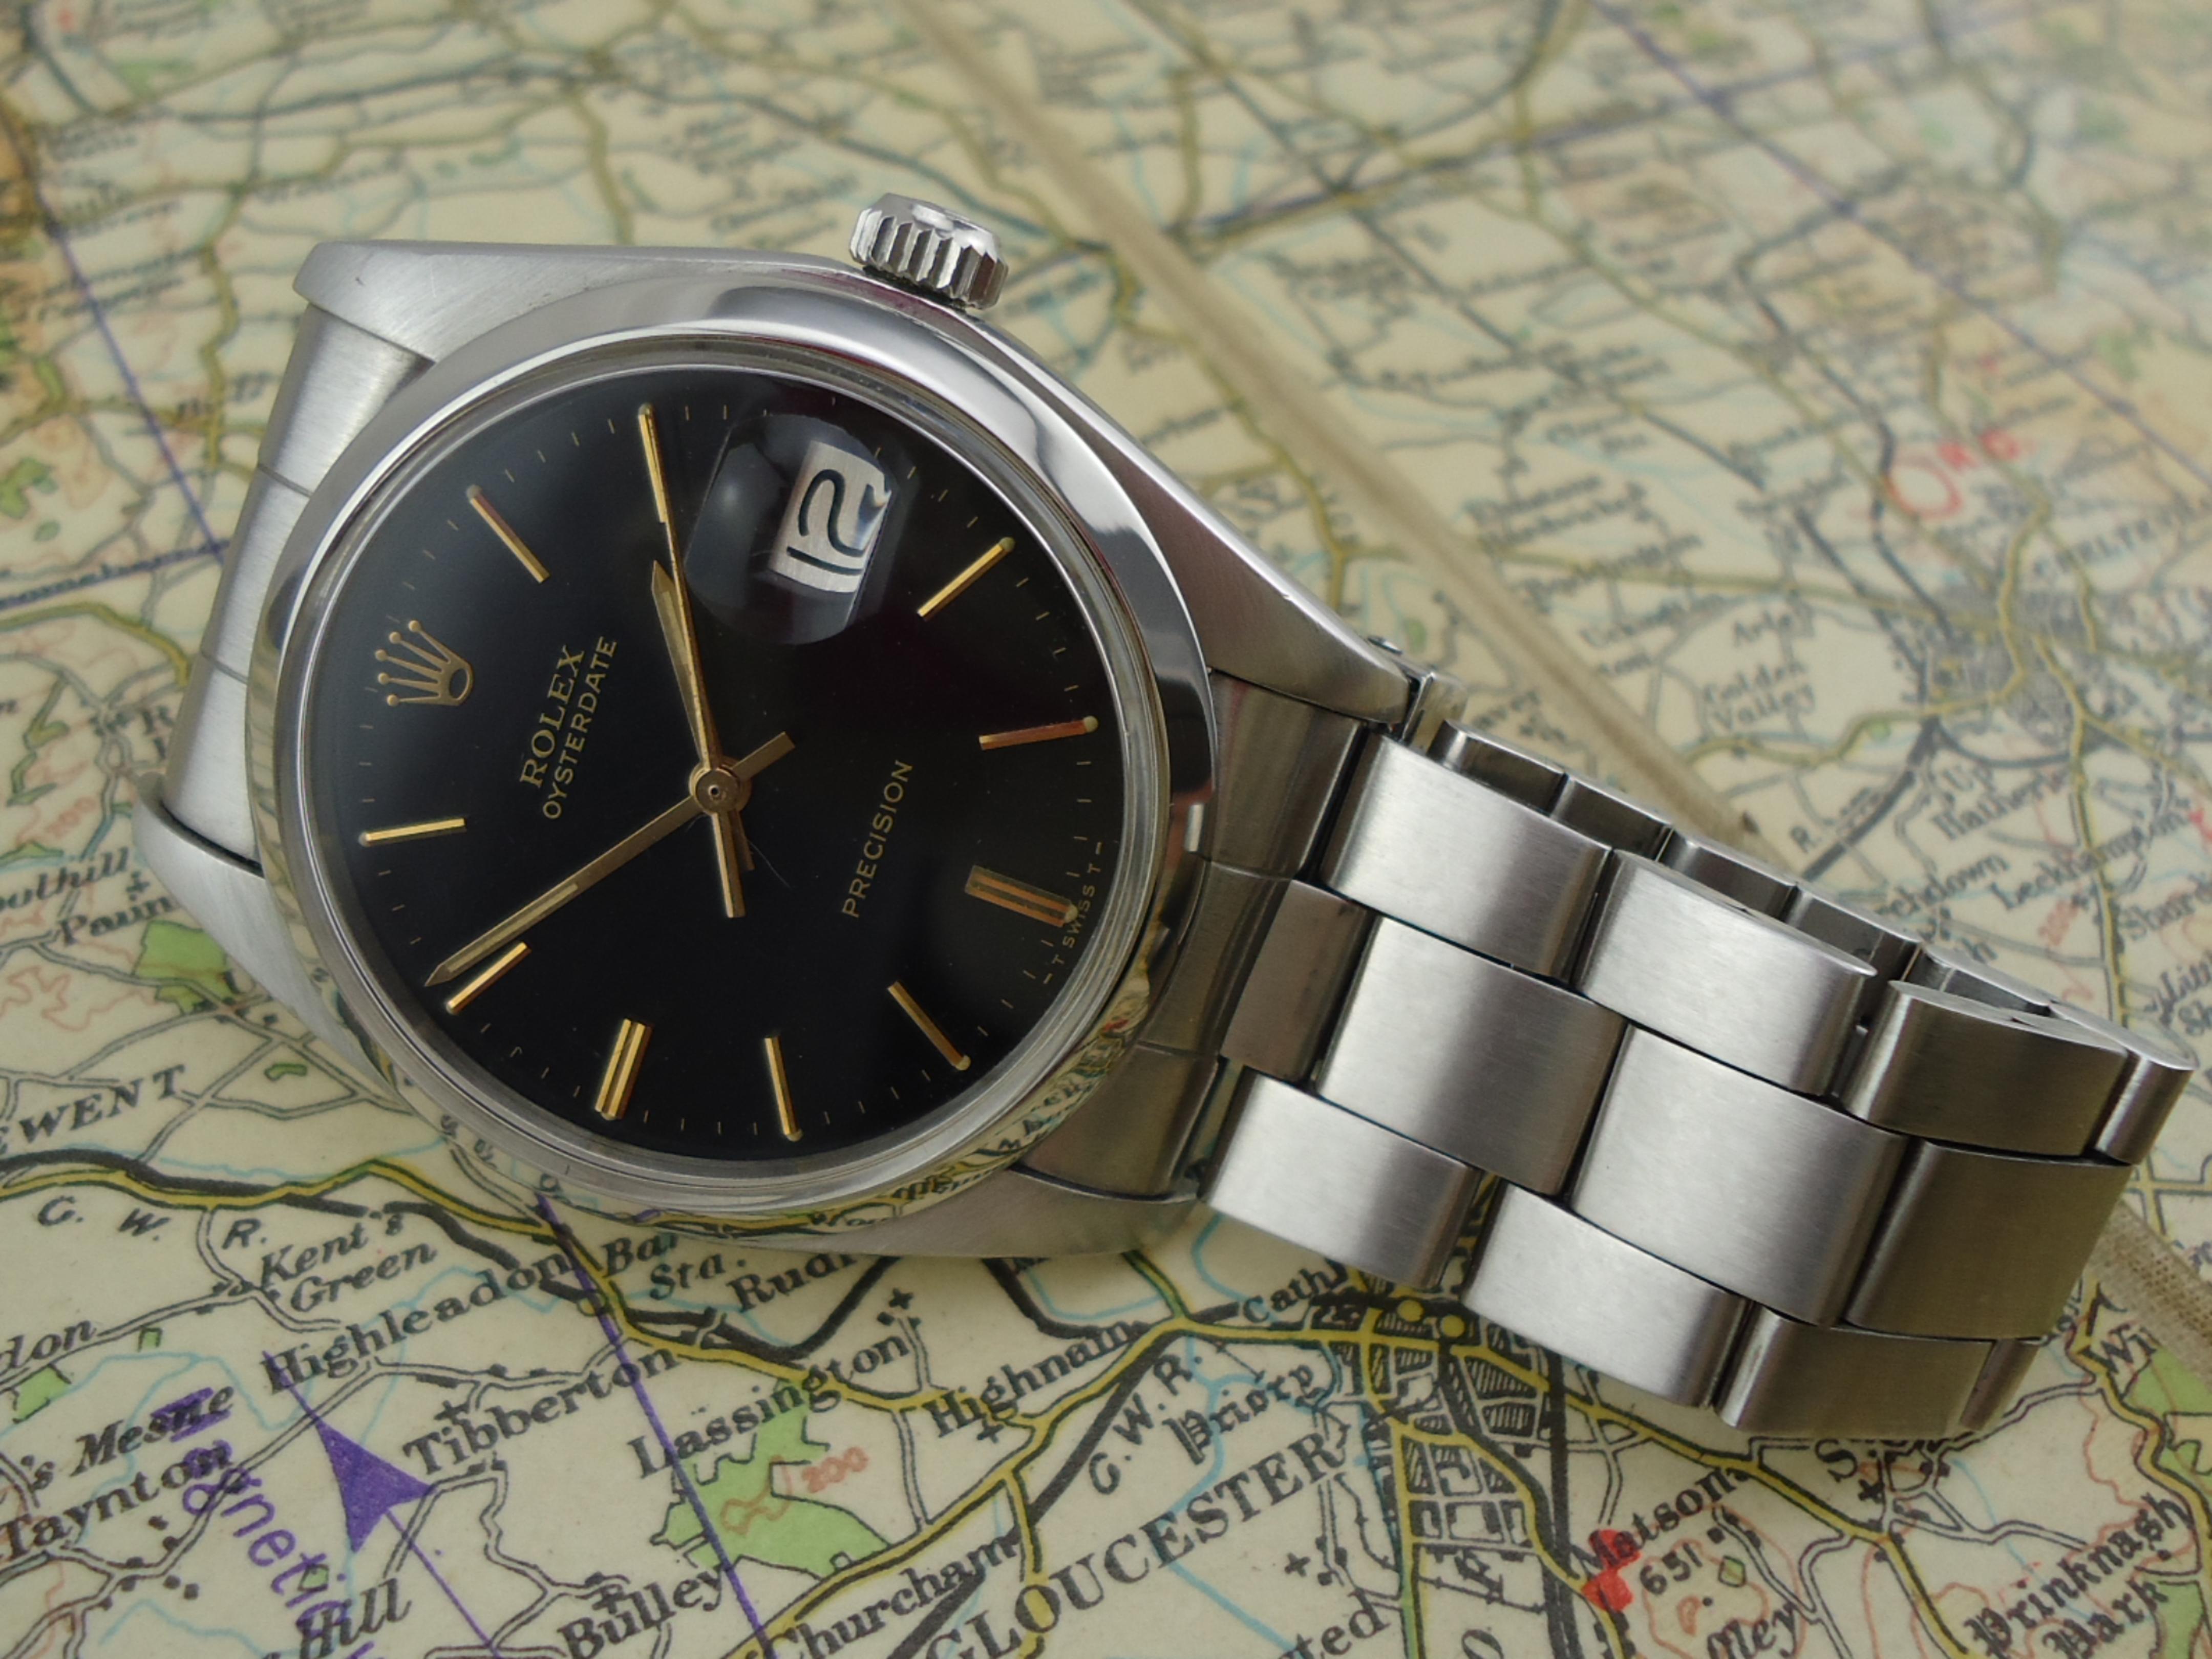 Rolex OysterDate Precision Watch ref 6694 (1977).